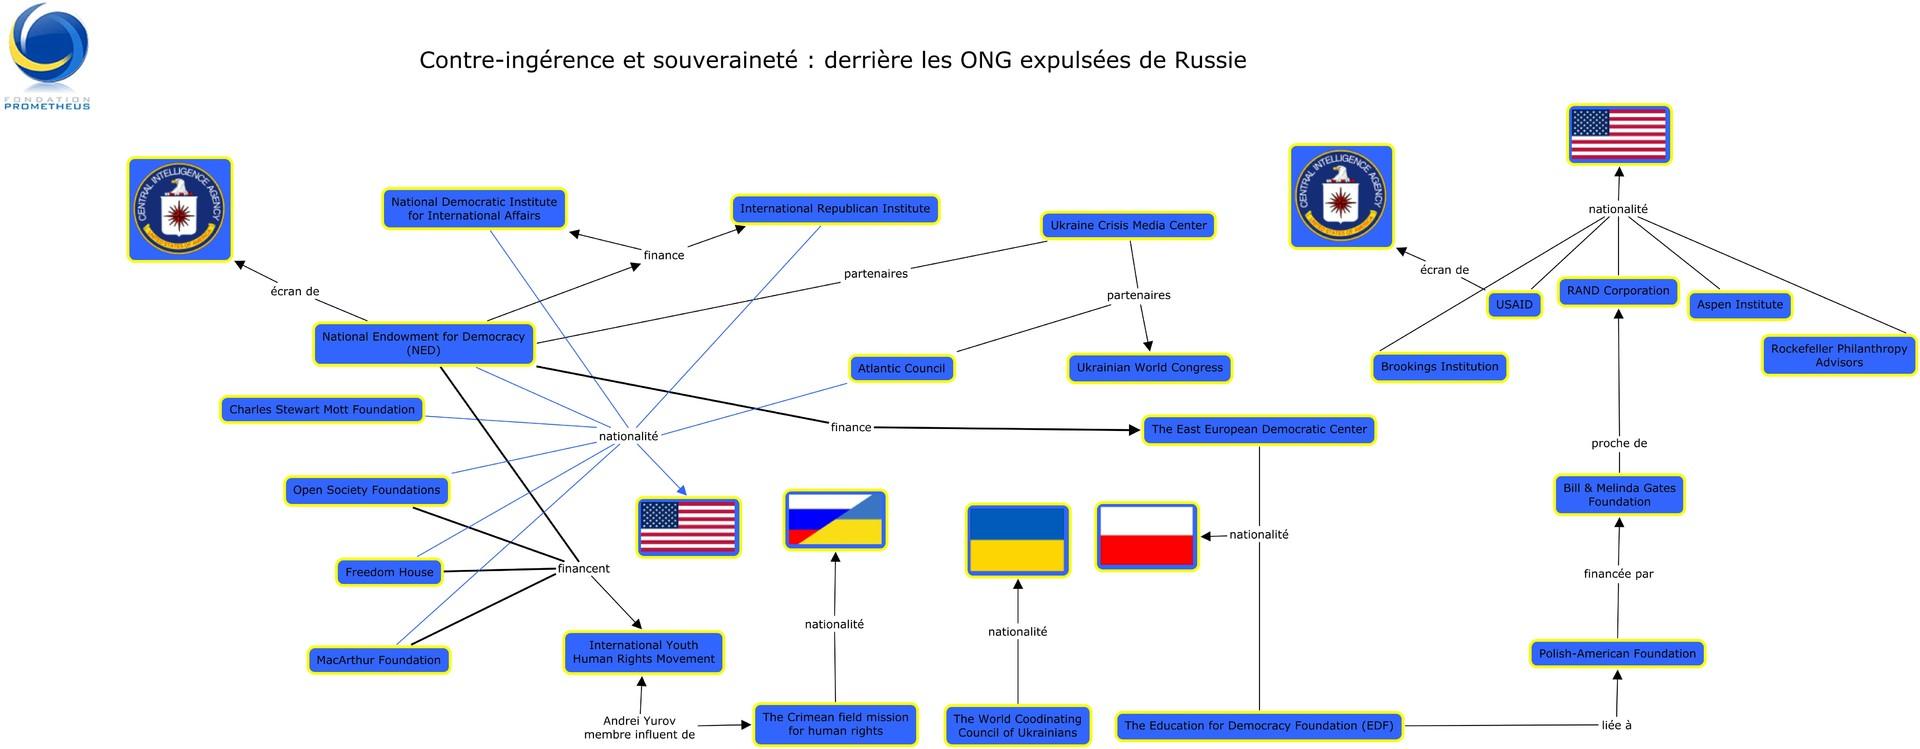 Les ONG expulsées de Russie